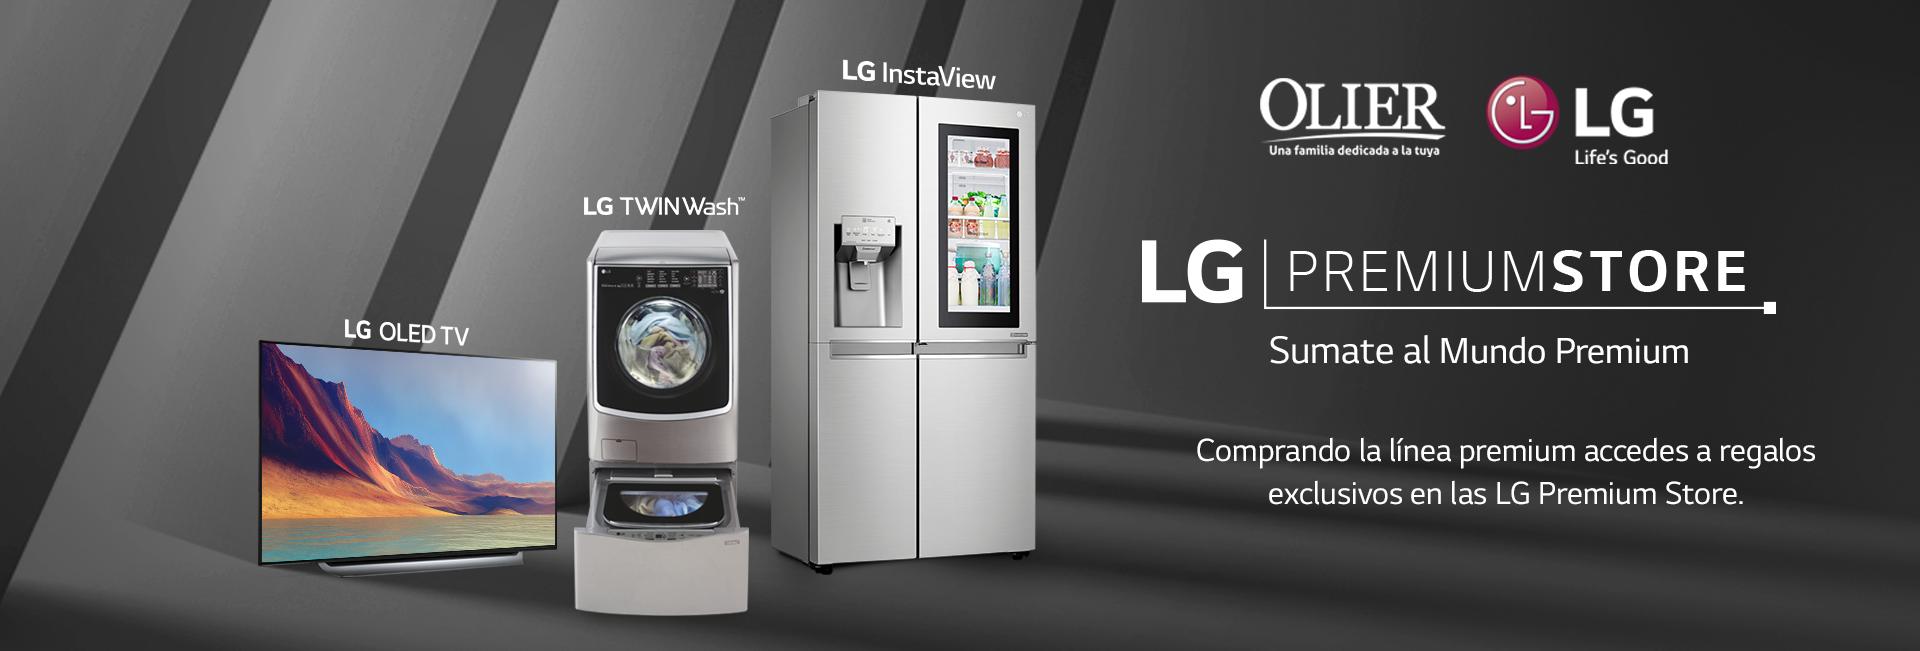 LG Premium Store